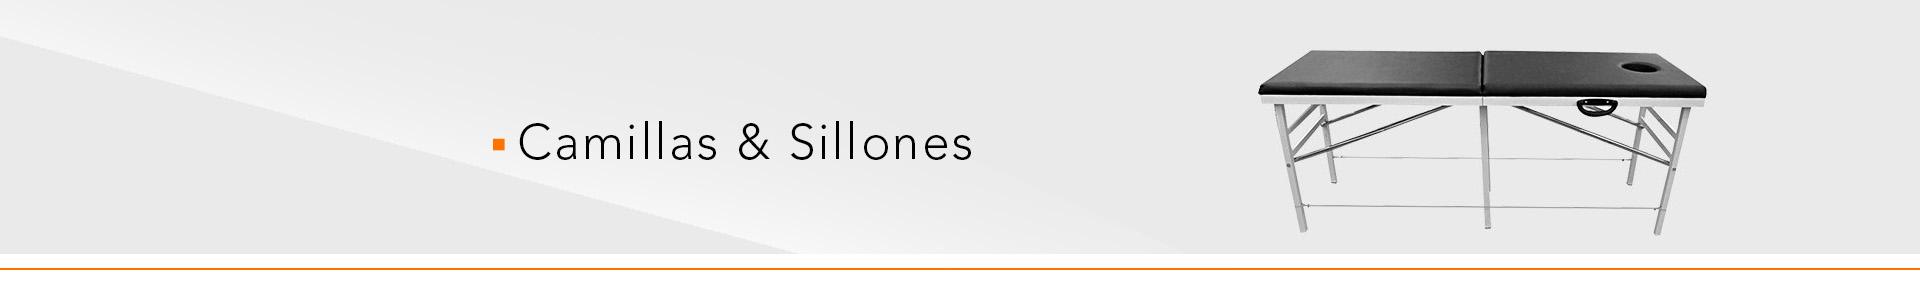 compra Camillas & Sillones online